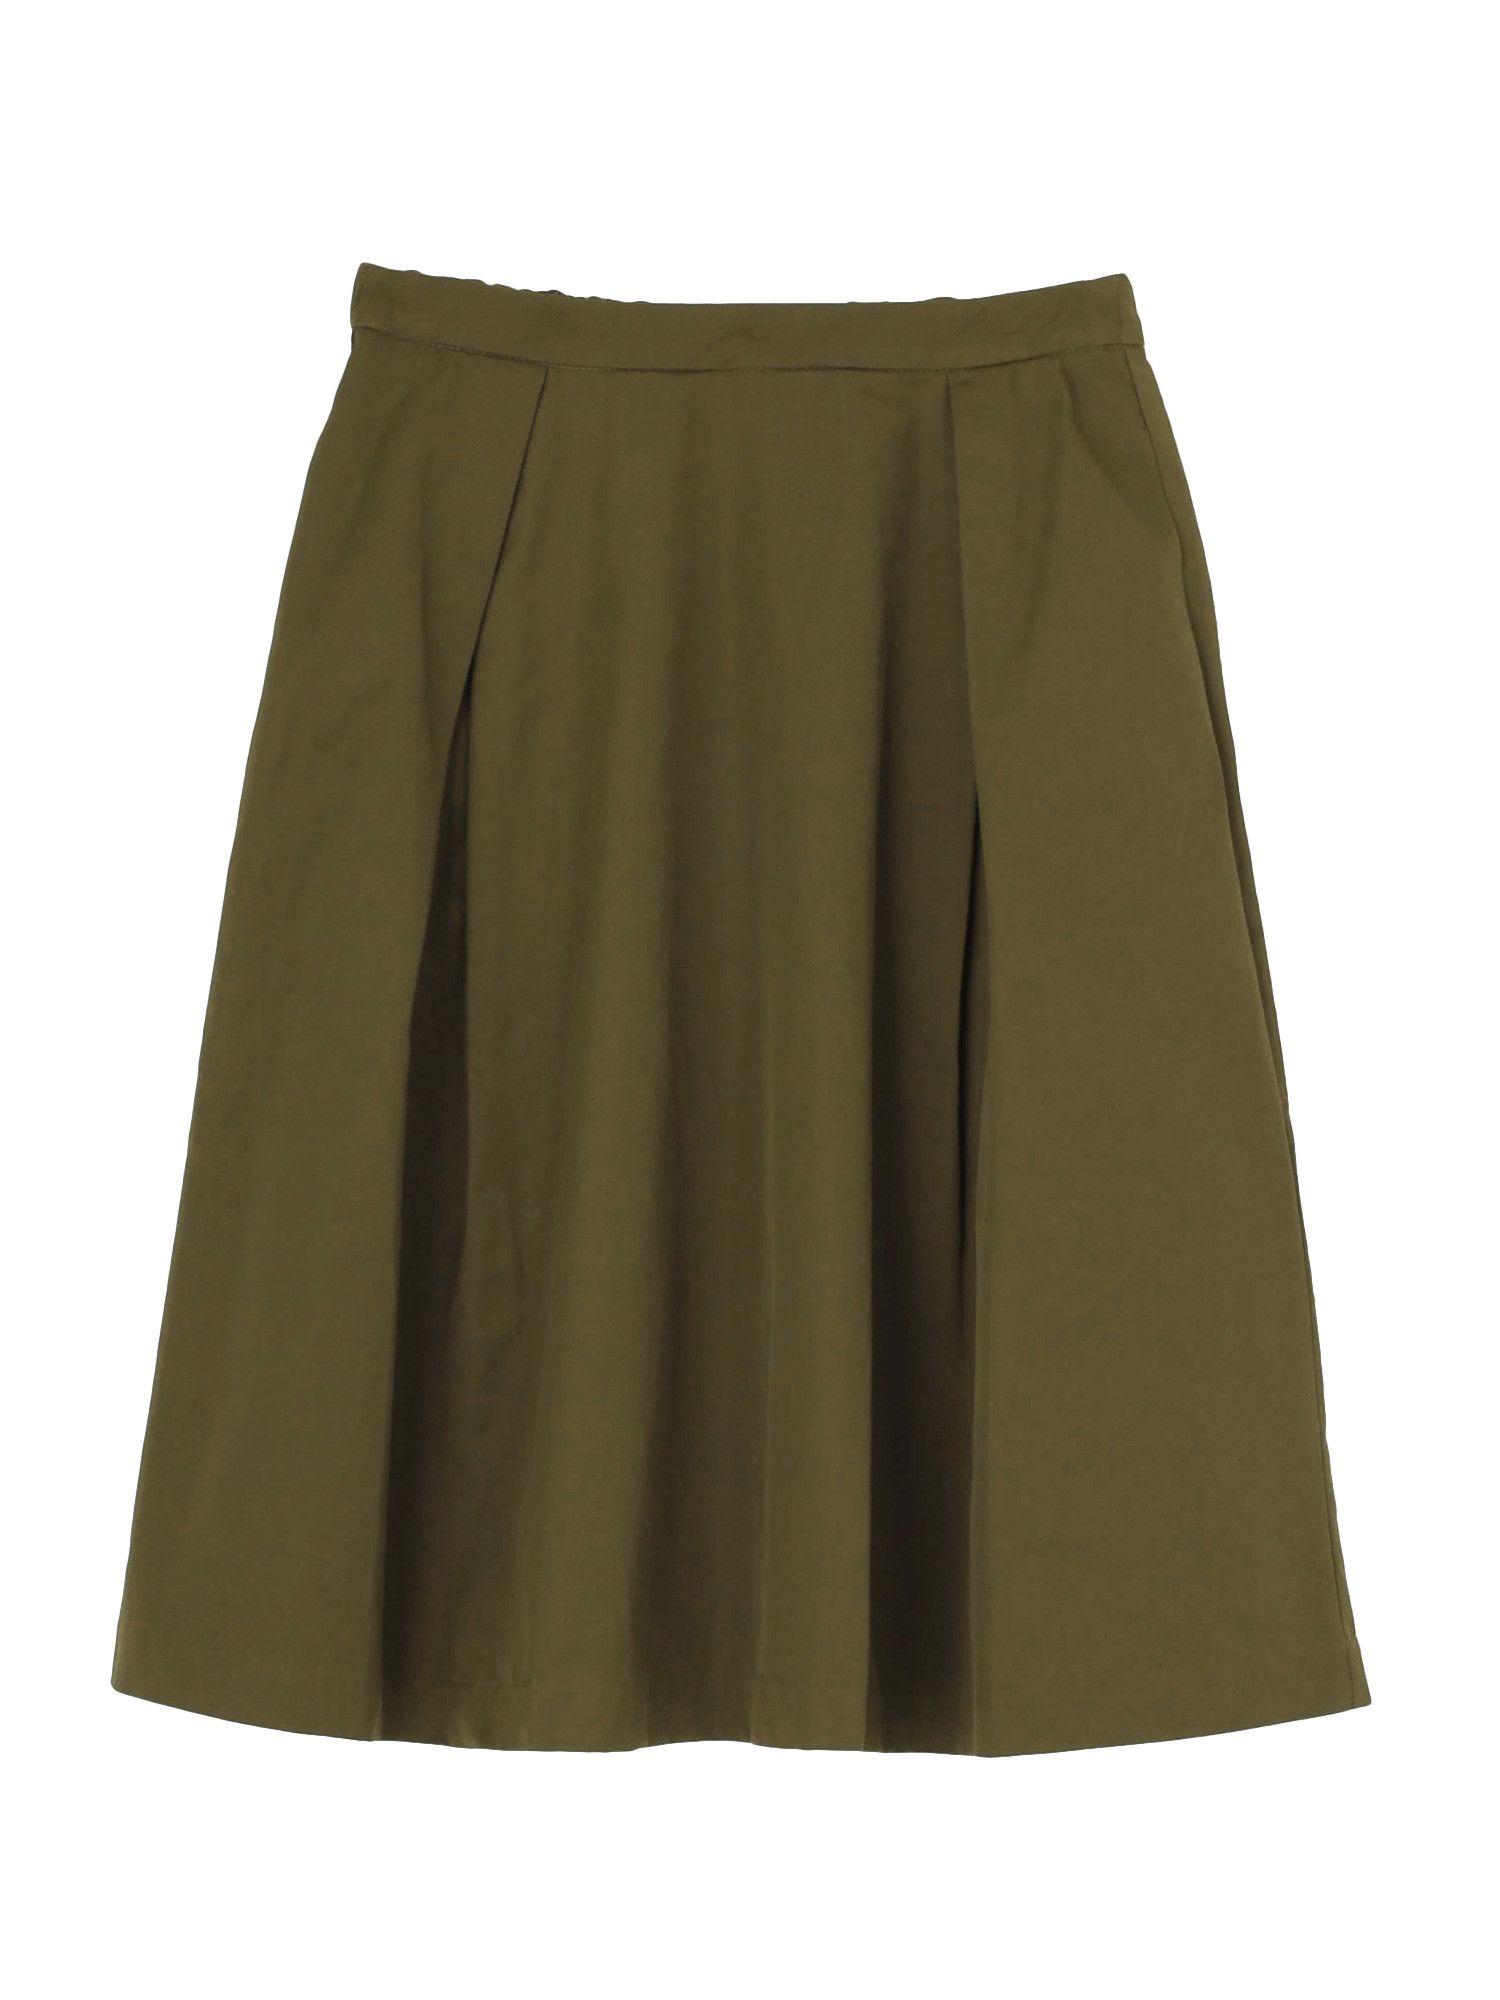 Tuck form flared skirt